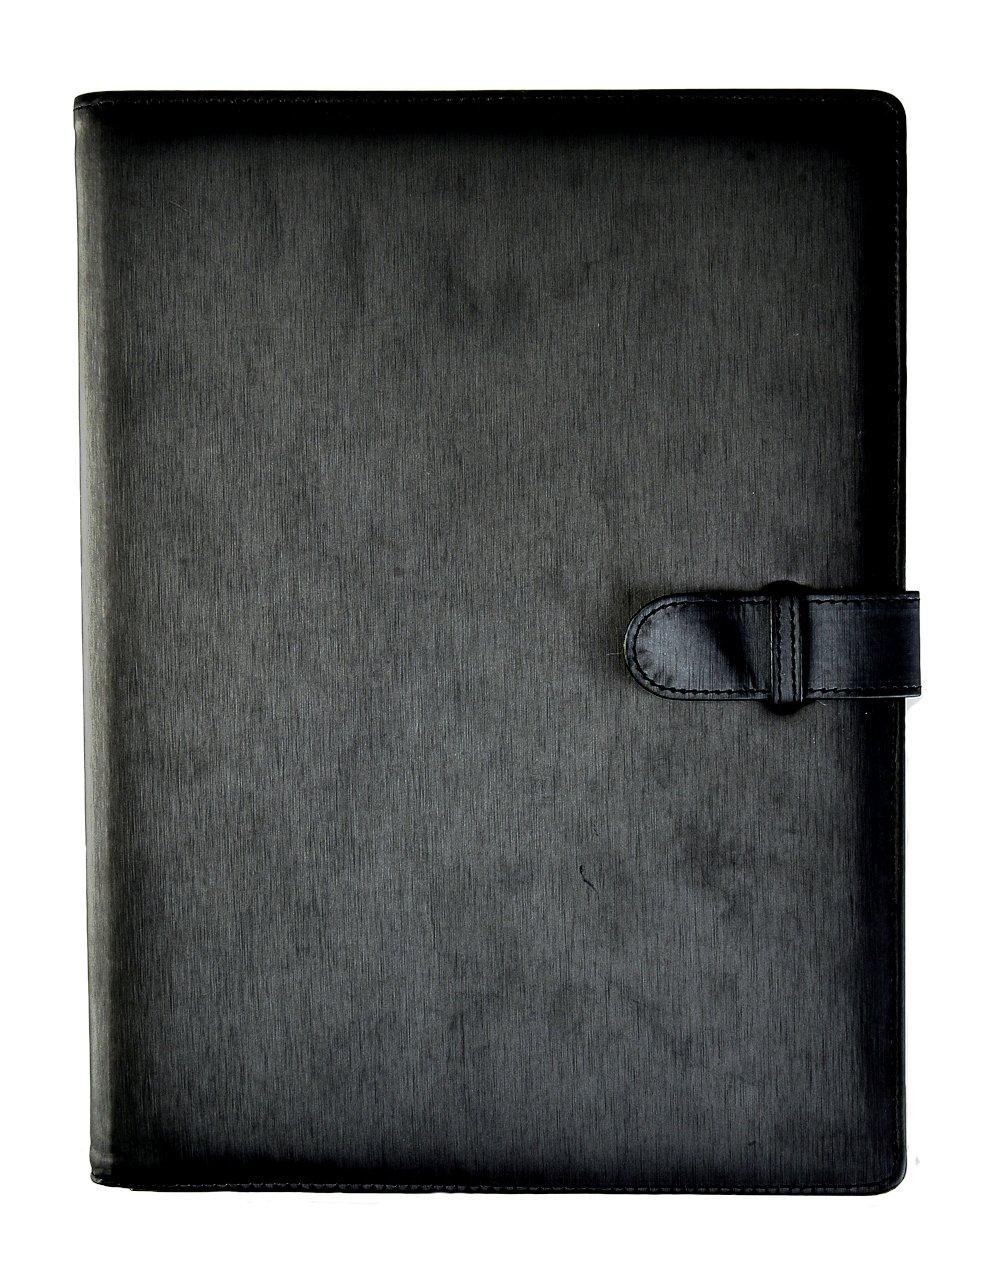 Arpan A4 36 tasche professionale Soft Touch cartella visualizzata Presentazione del libro Portfolio - Nero CL-36DP